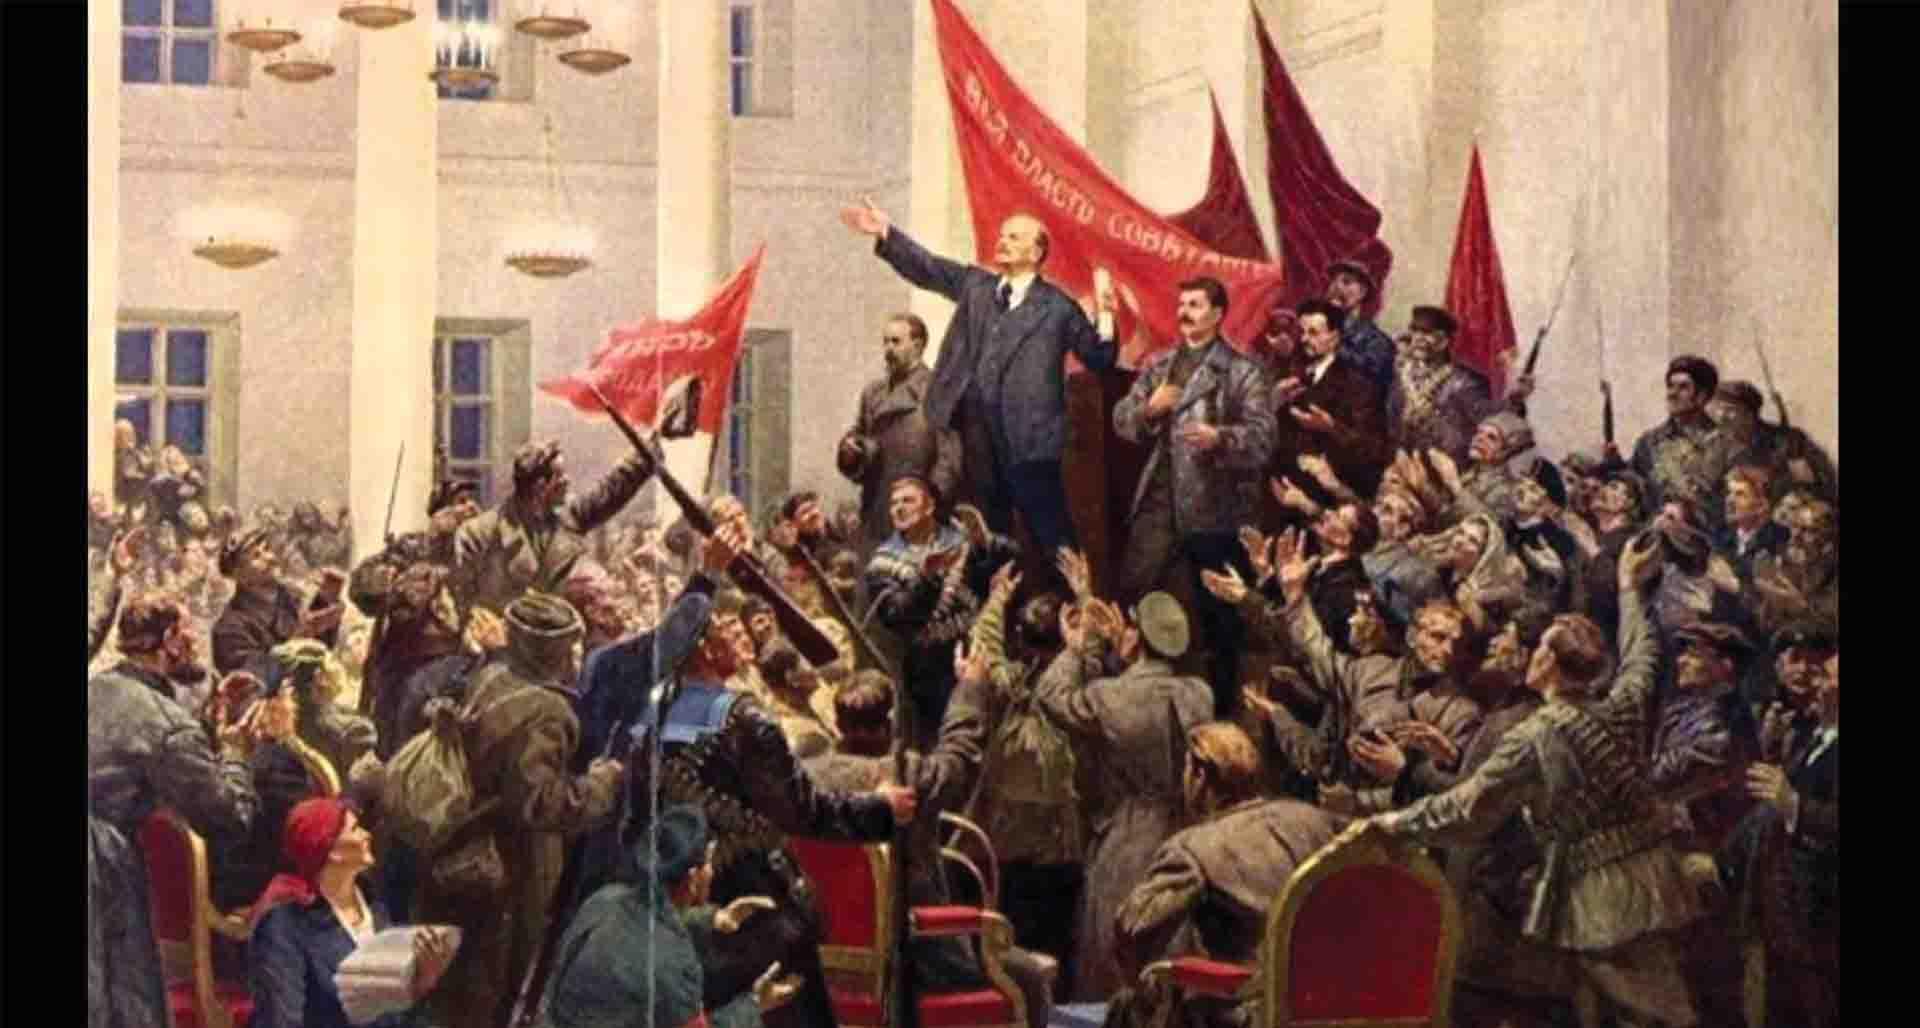 انقلاب اکتبر و بلشویسم فرهنگی له یا علیه روشنفکران